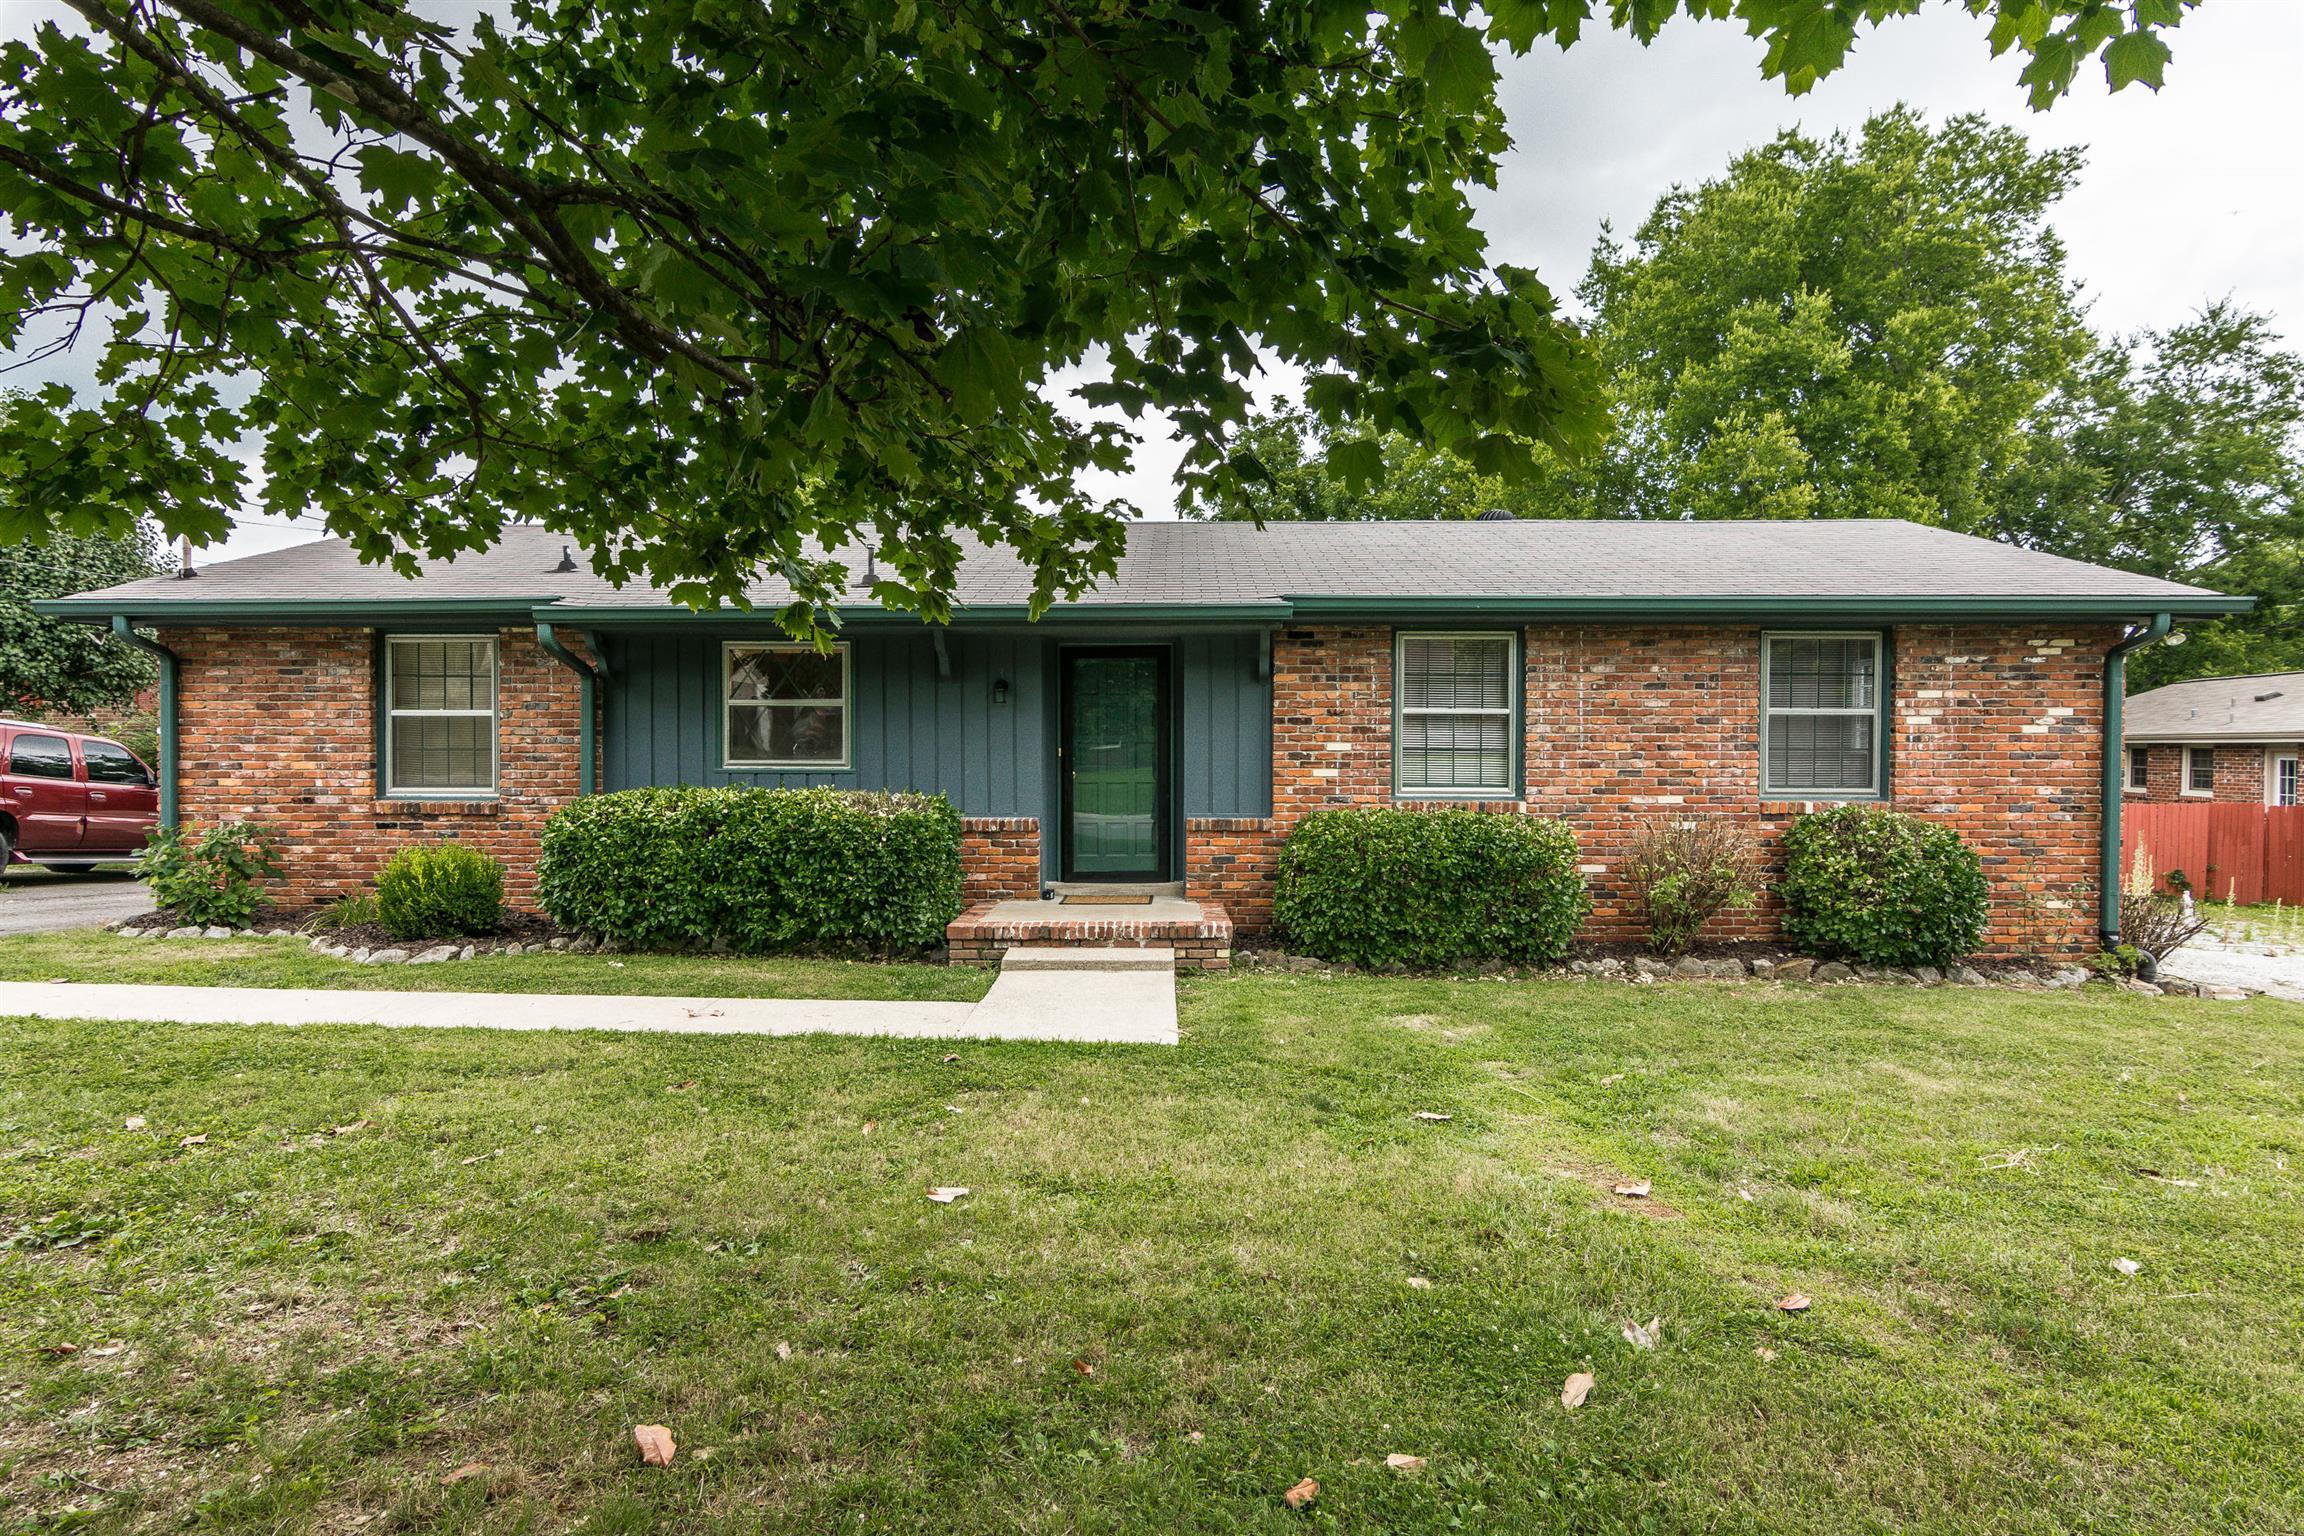 289 Southburn Dr, Hendersonville, TN 37075 - Hendersonville, TN real estate listing